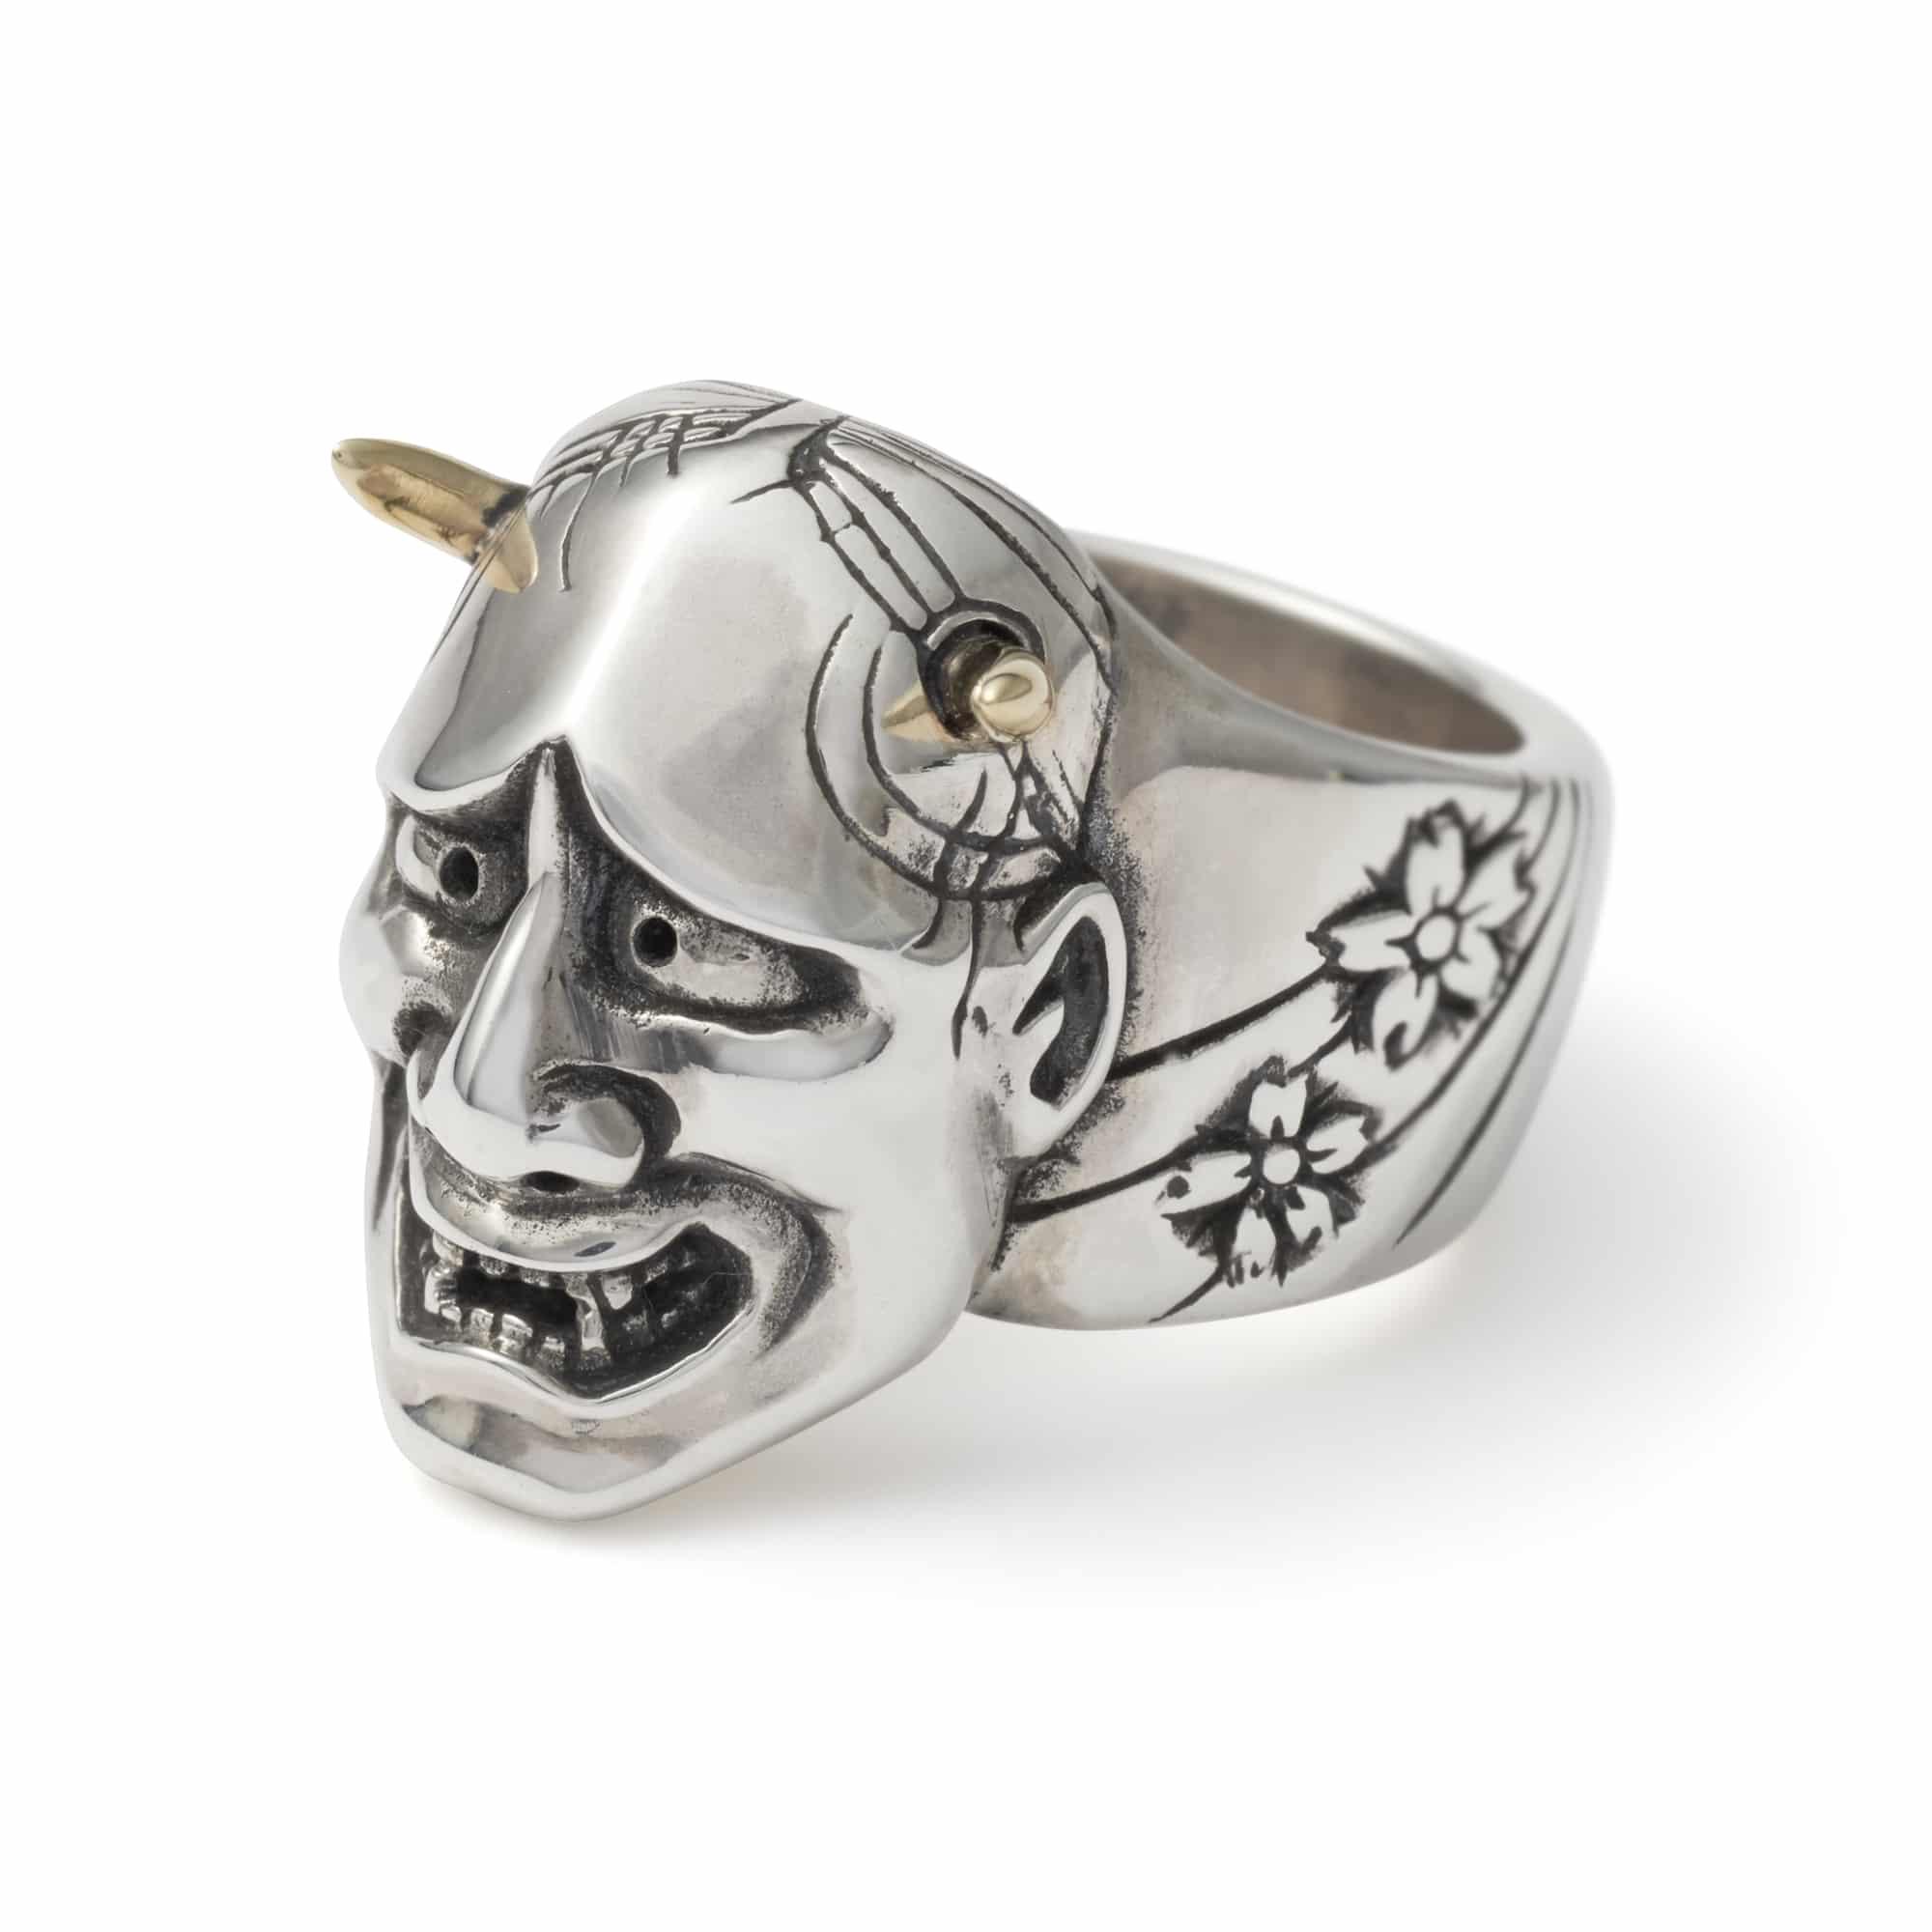 Samurai Mask Ring